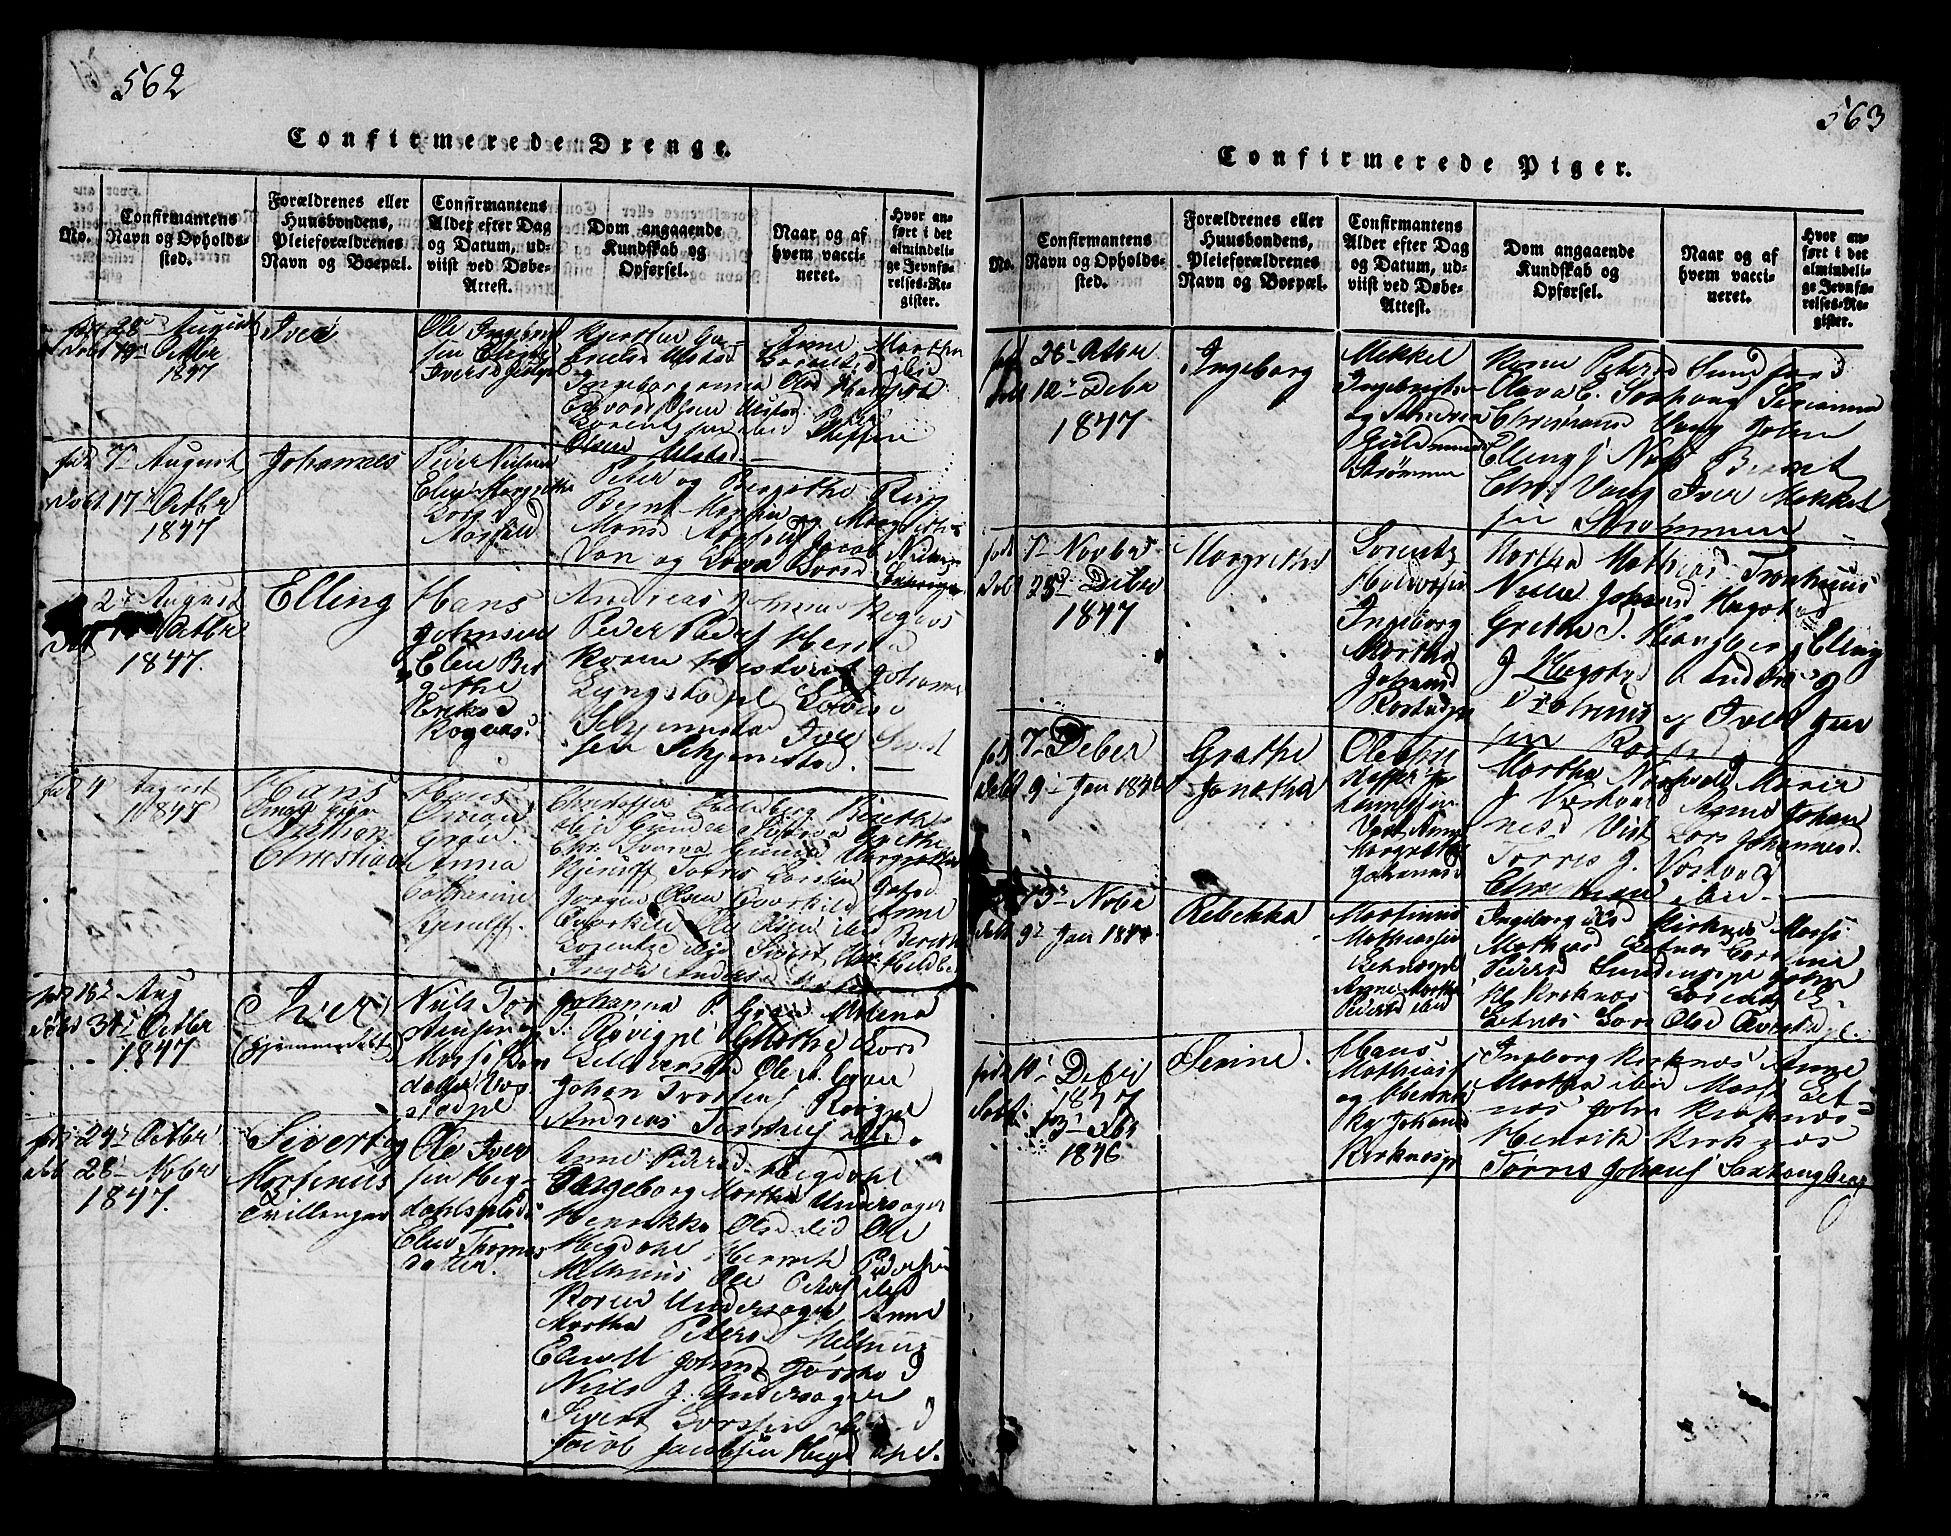 SAT, Ministerialprotokoller, klokkerbøker og fødselsregistre - Nord-Trøndelag, 730/L0298: Klokkerbok nr. 730C01, 1816-1849, s. 562-563